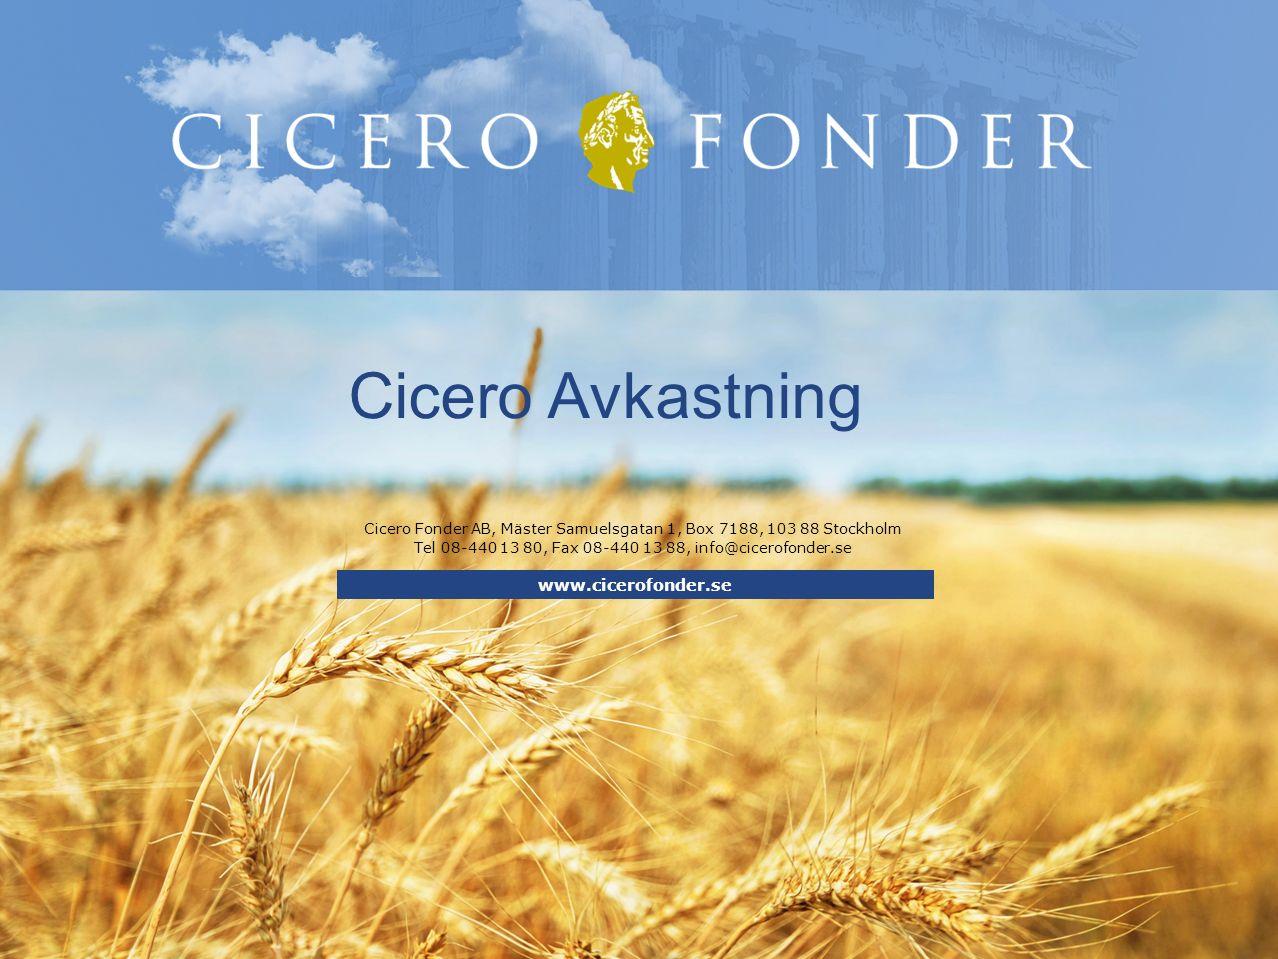 Cicero Fonder AB, Mäster Samuelsgatan 1, Box 7188, 103 88 Stockholm Tel 08-440 13 80, Fax 08-440 13 88, info@cicerofonder.se www.cicerofonder.se Cicero Avkastning